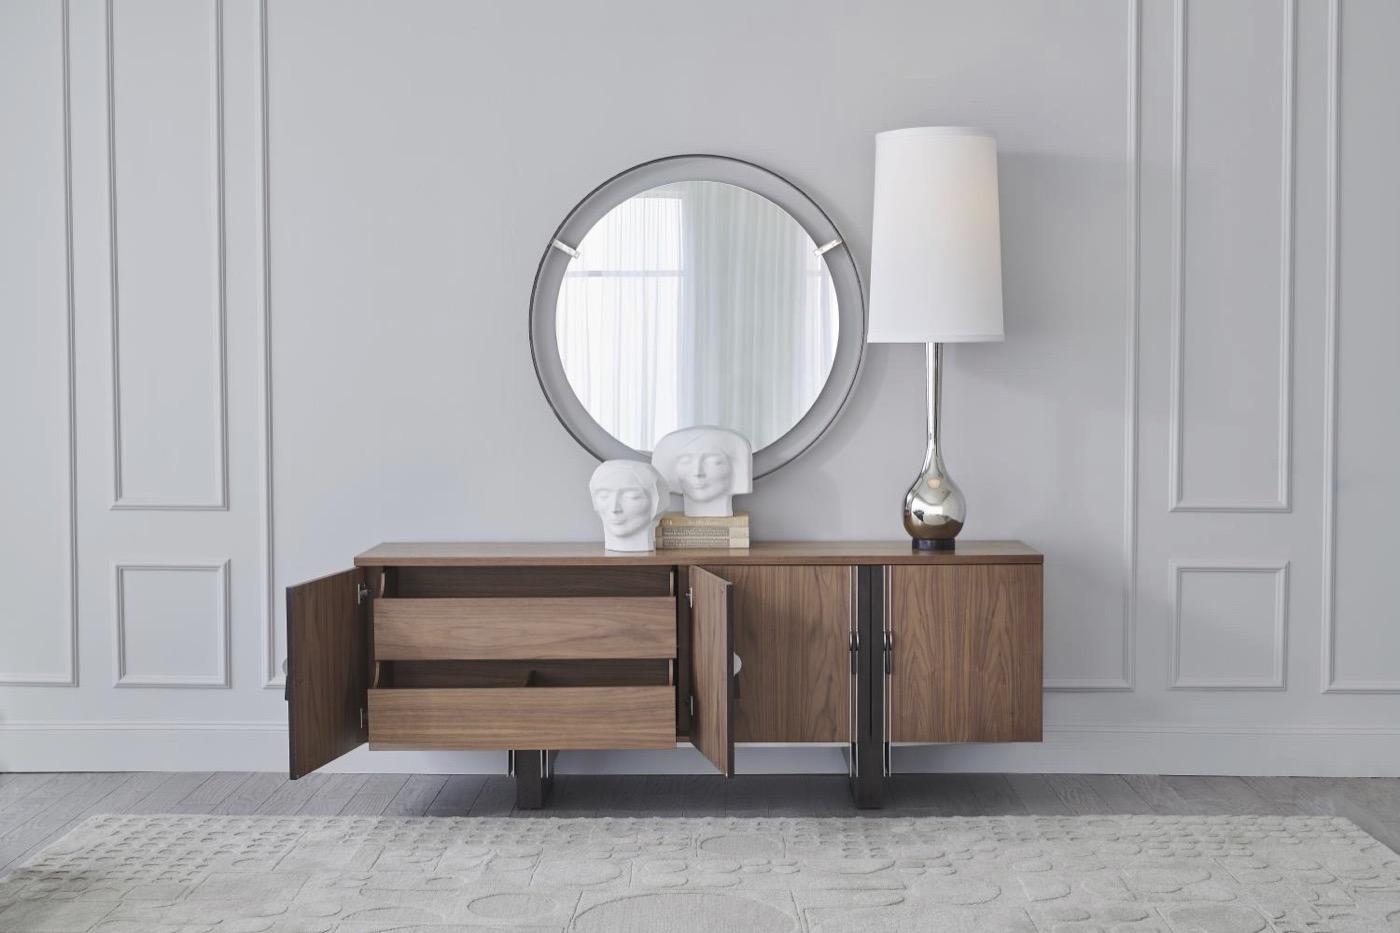 Holtz Walnut Cabinet